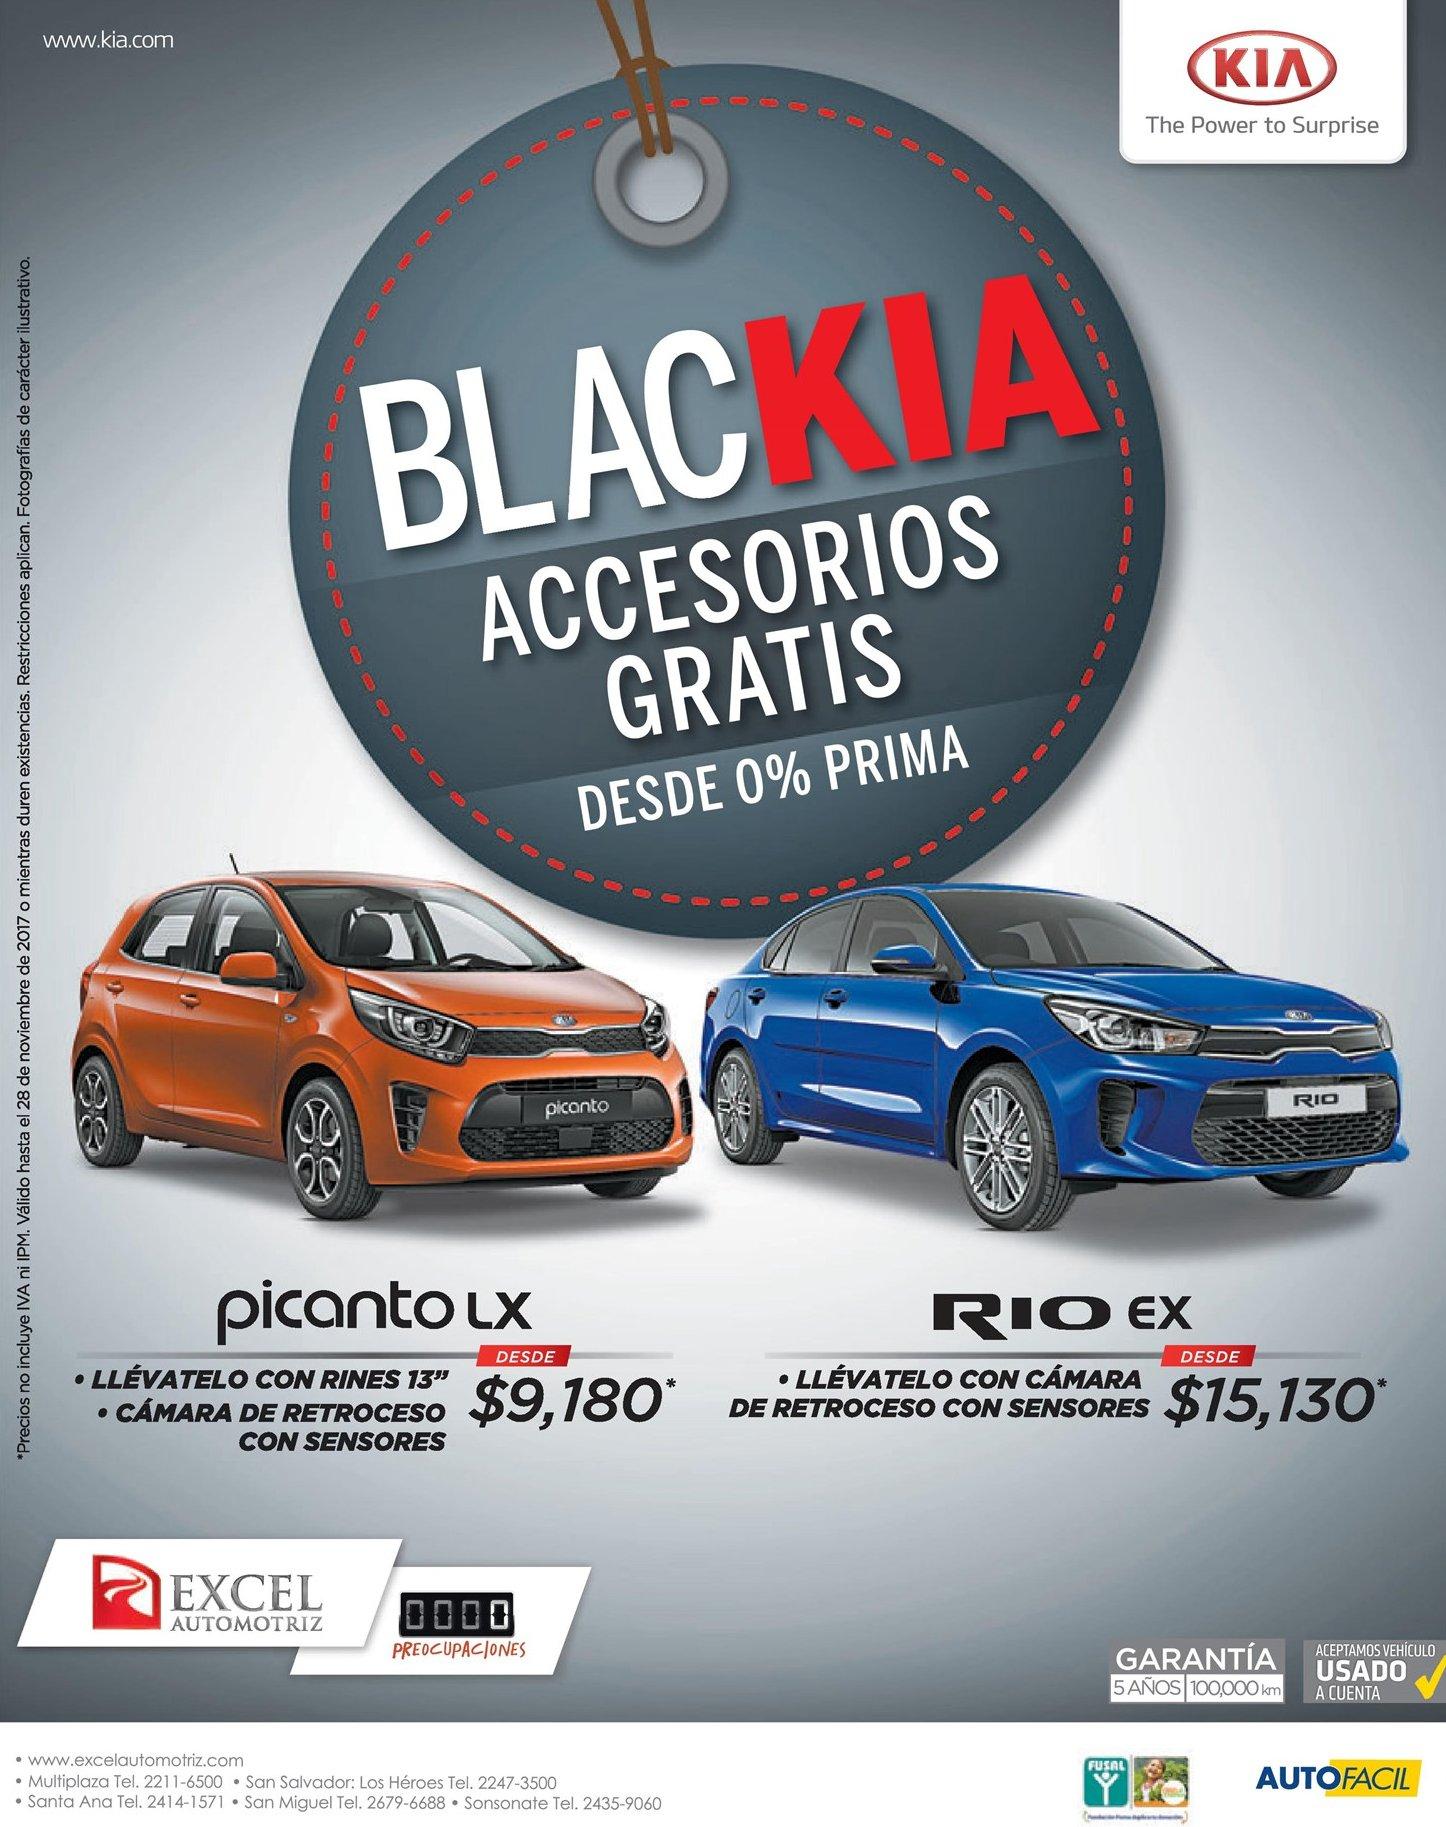 Promocion BLACK FRIDAY KIA autos modelo picanto LX y RIO EX